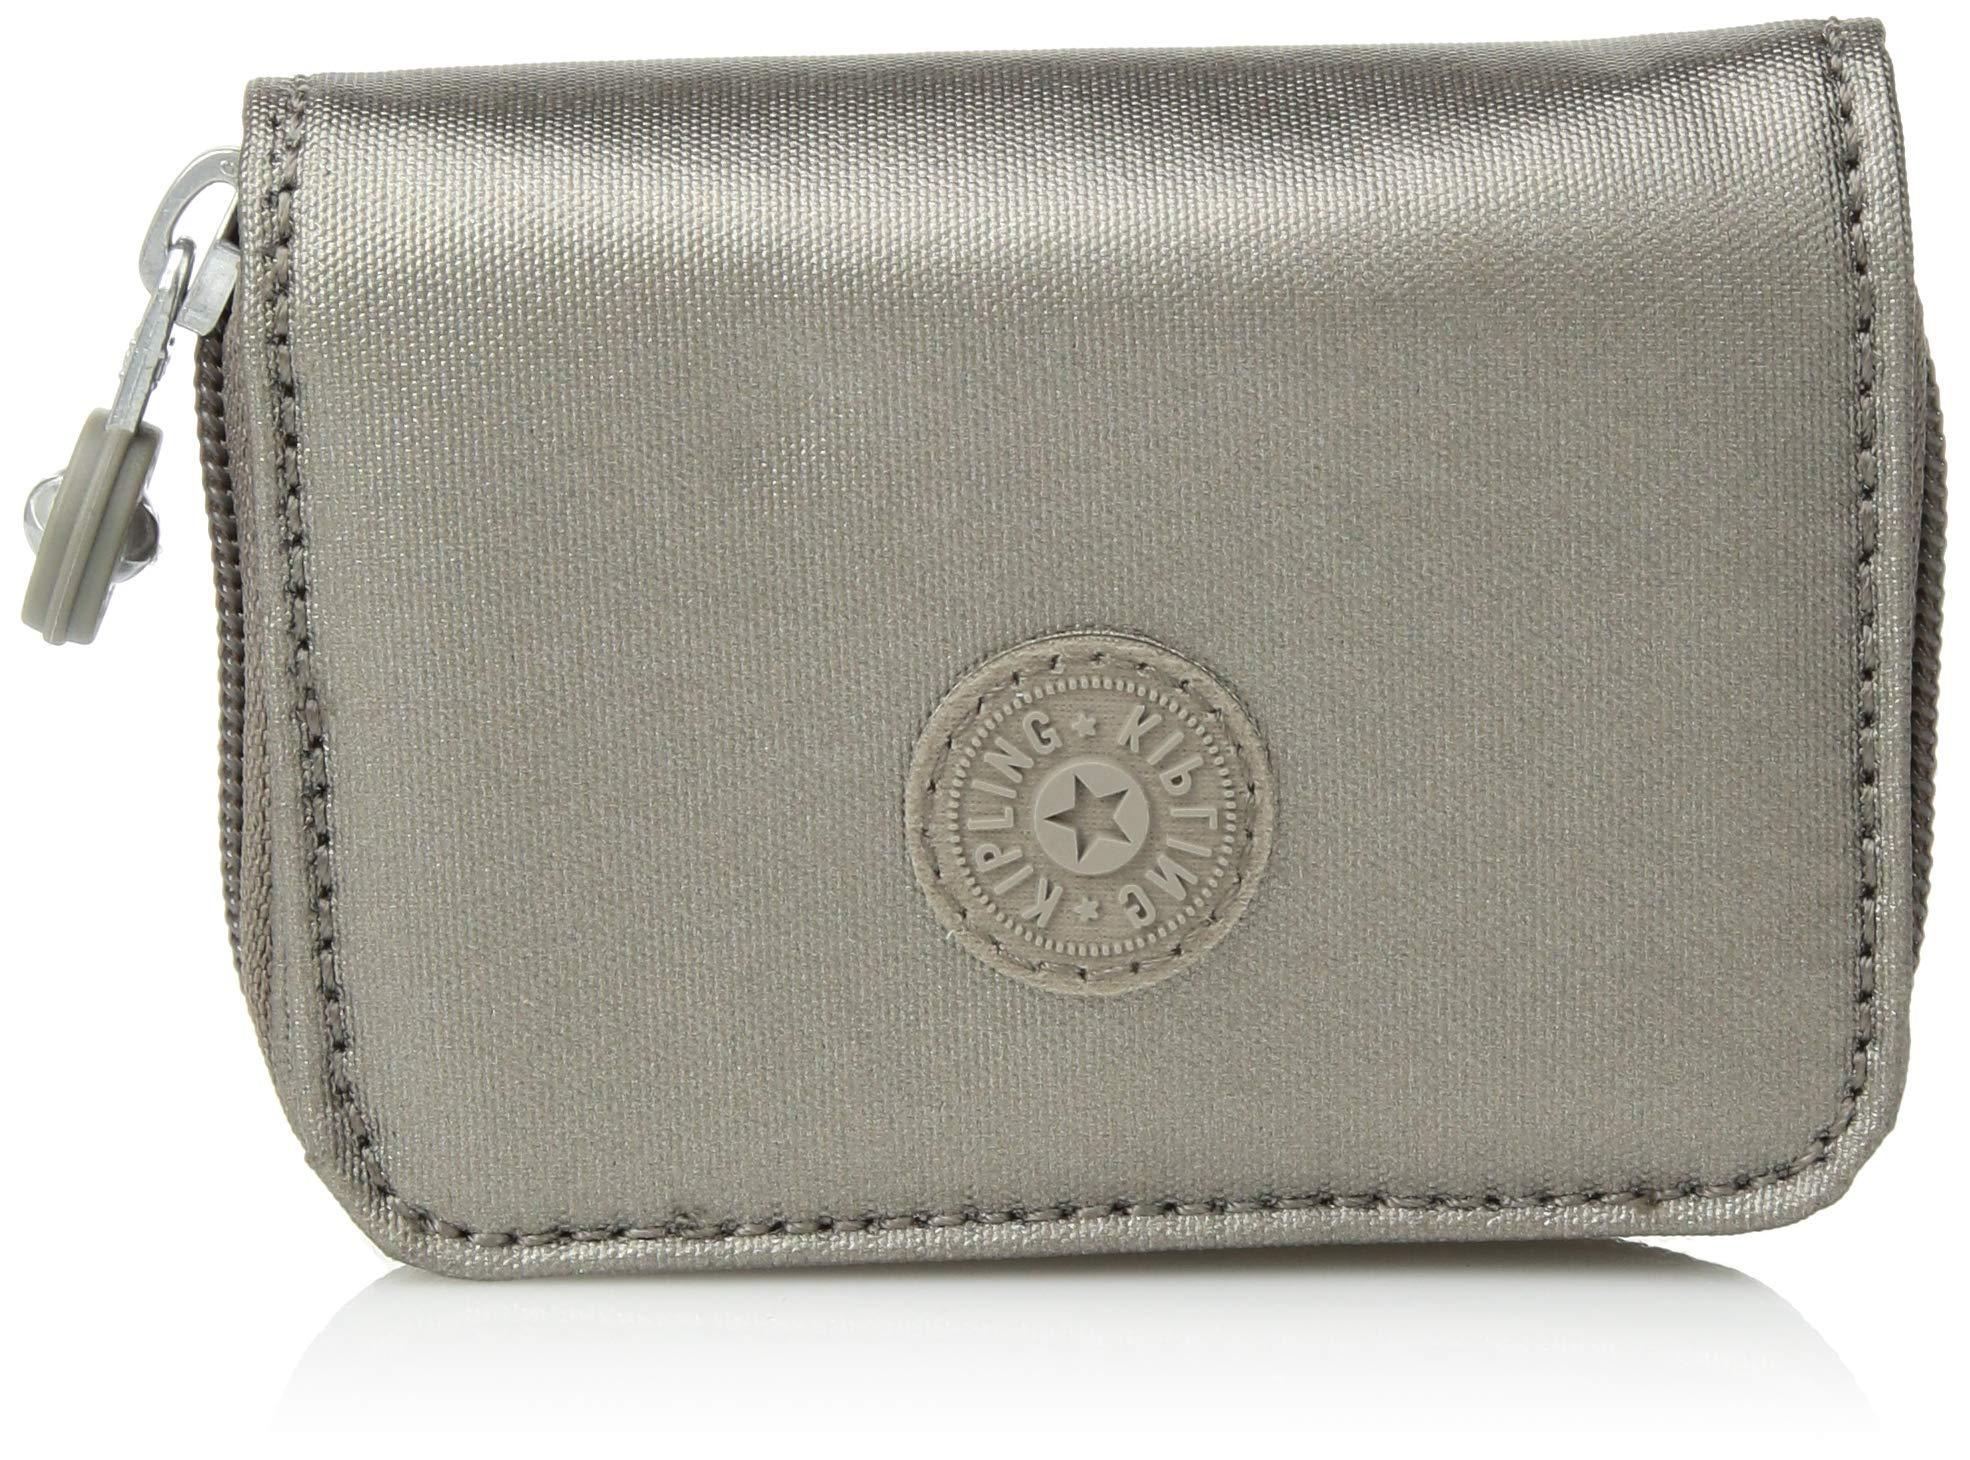 Kipling Tops Wallet, Metallic Pewter